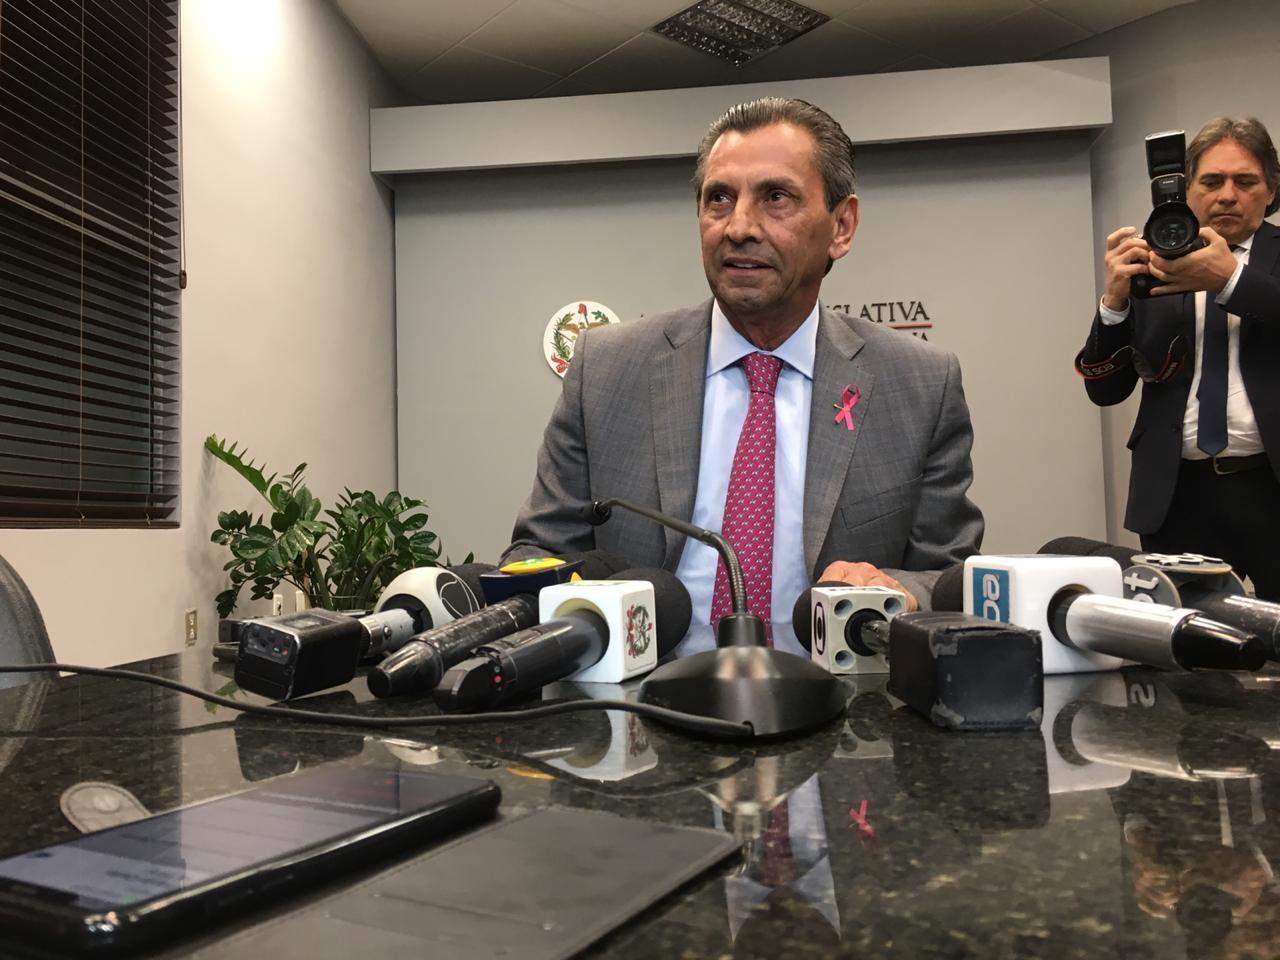 'Não há provas de que eu possa ser sócio oculto', diz Julio Garcia sobre indiciamento na Operação Alcatraz  - Notícias - Plantão Diário